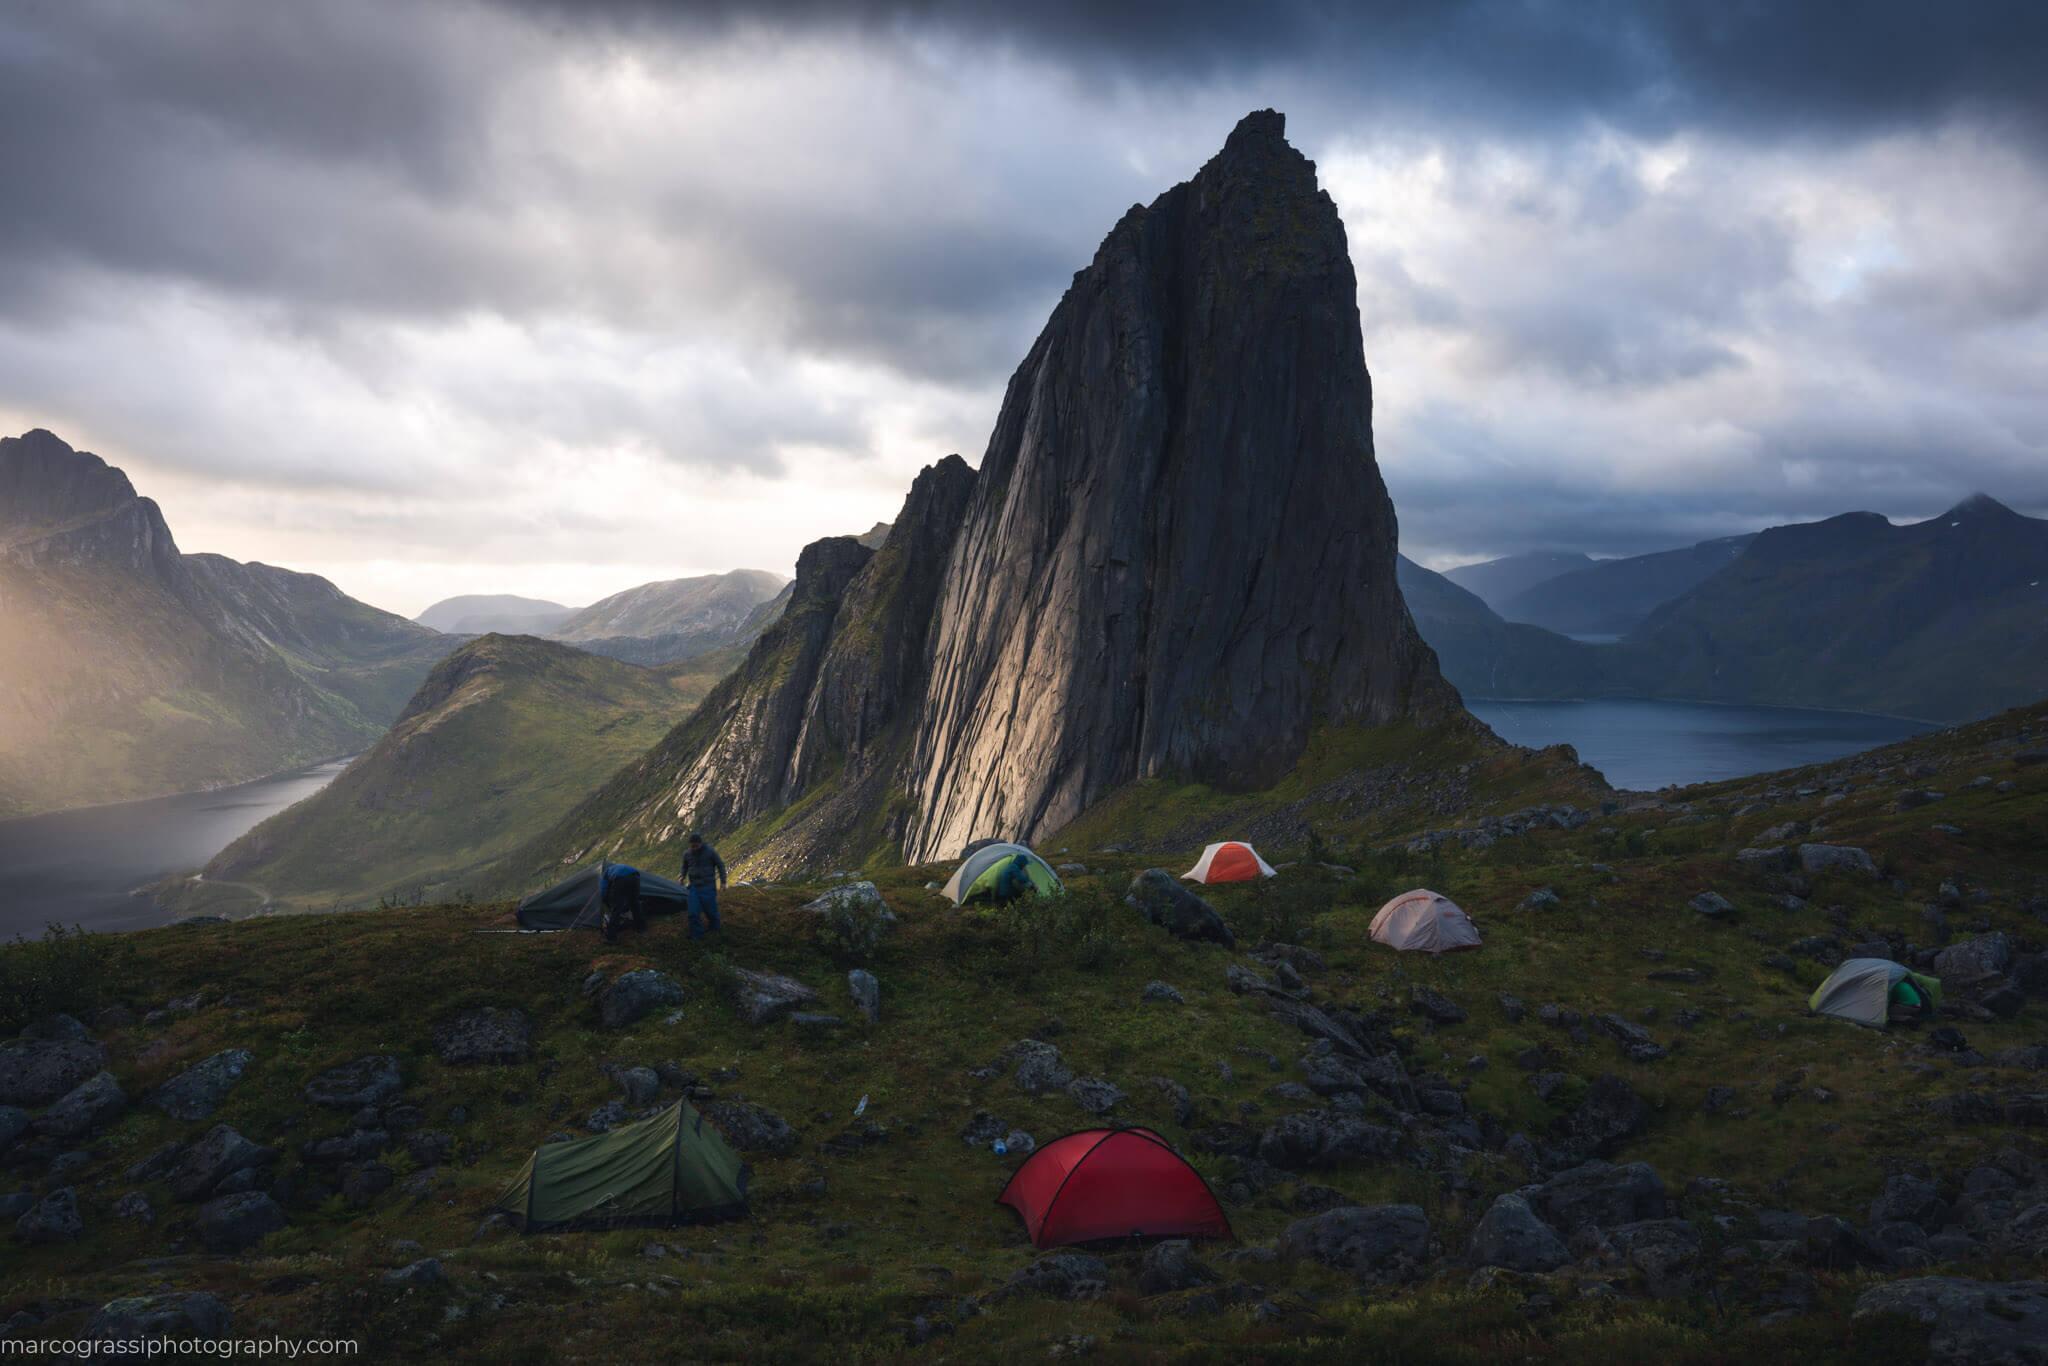 Camping at Segla during the Senja Photo Tour